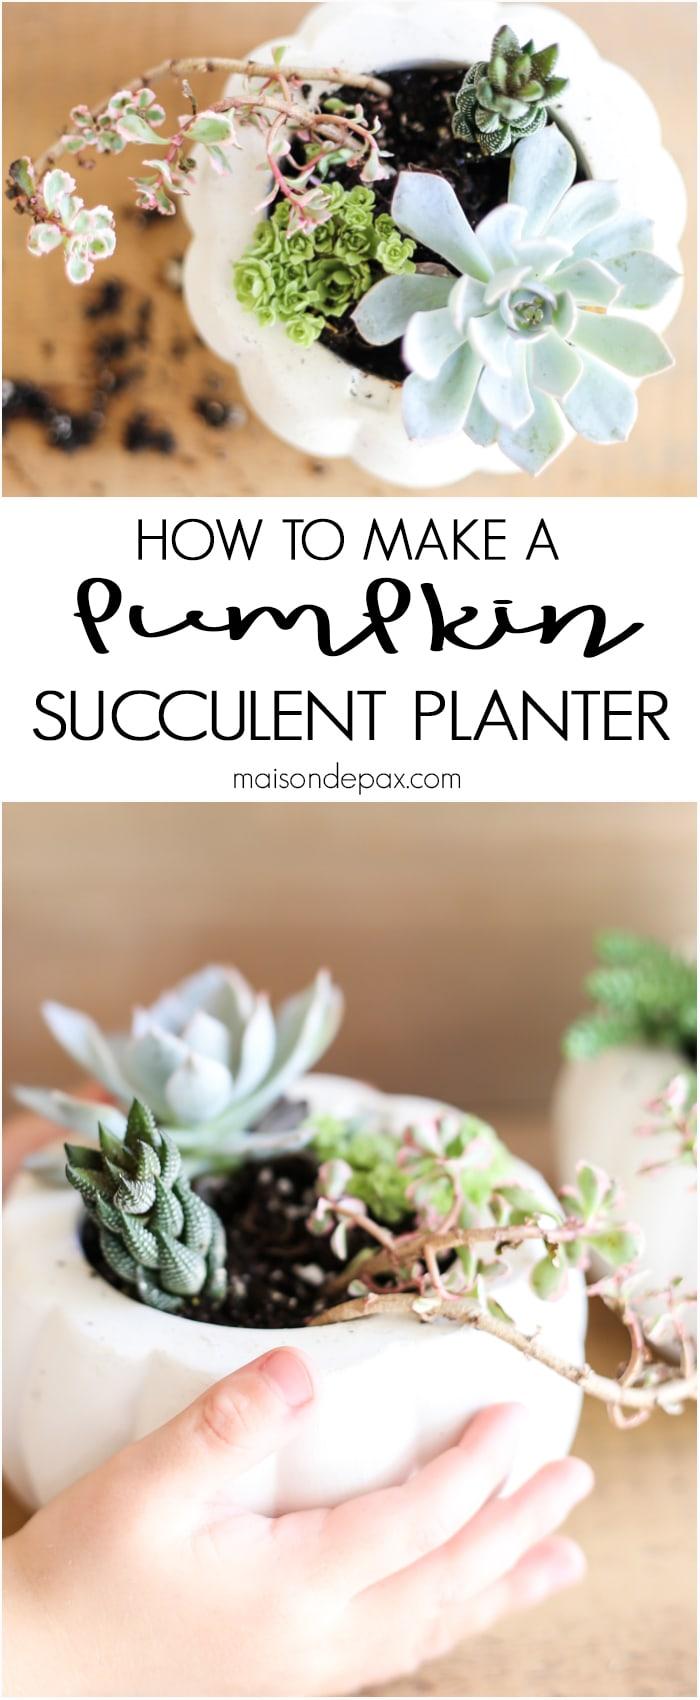 Easy Pumpkin Succulent Planters- Maison de Pax